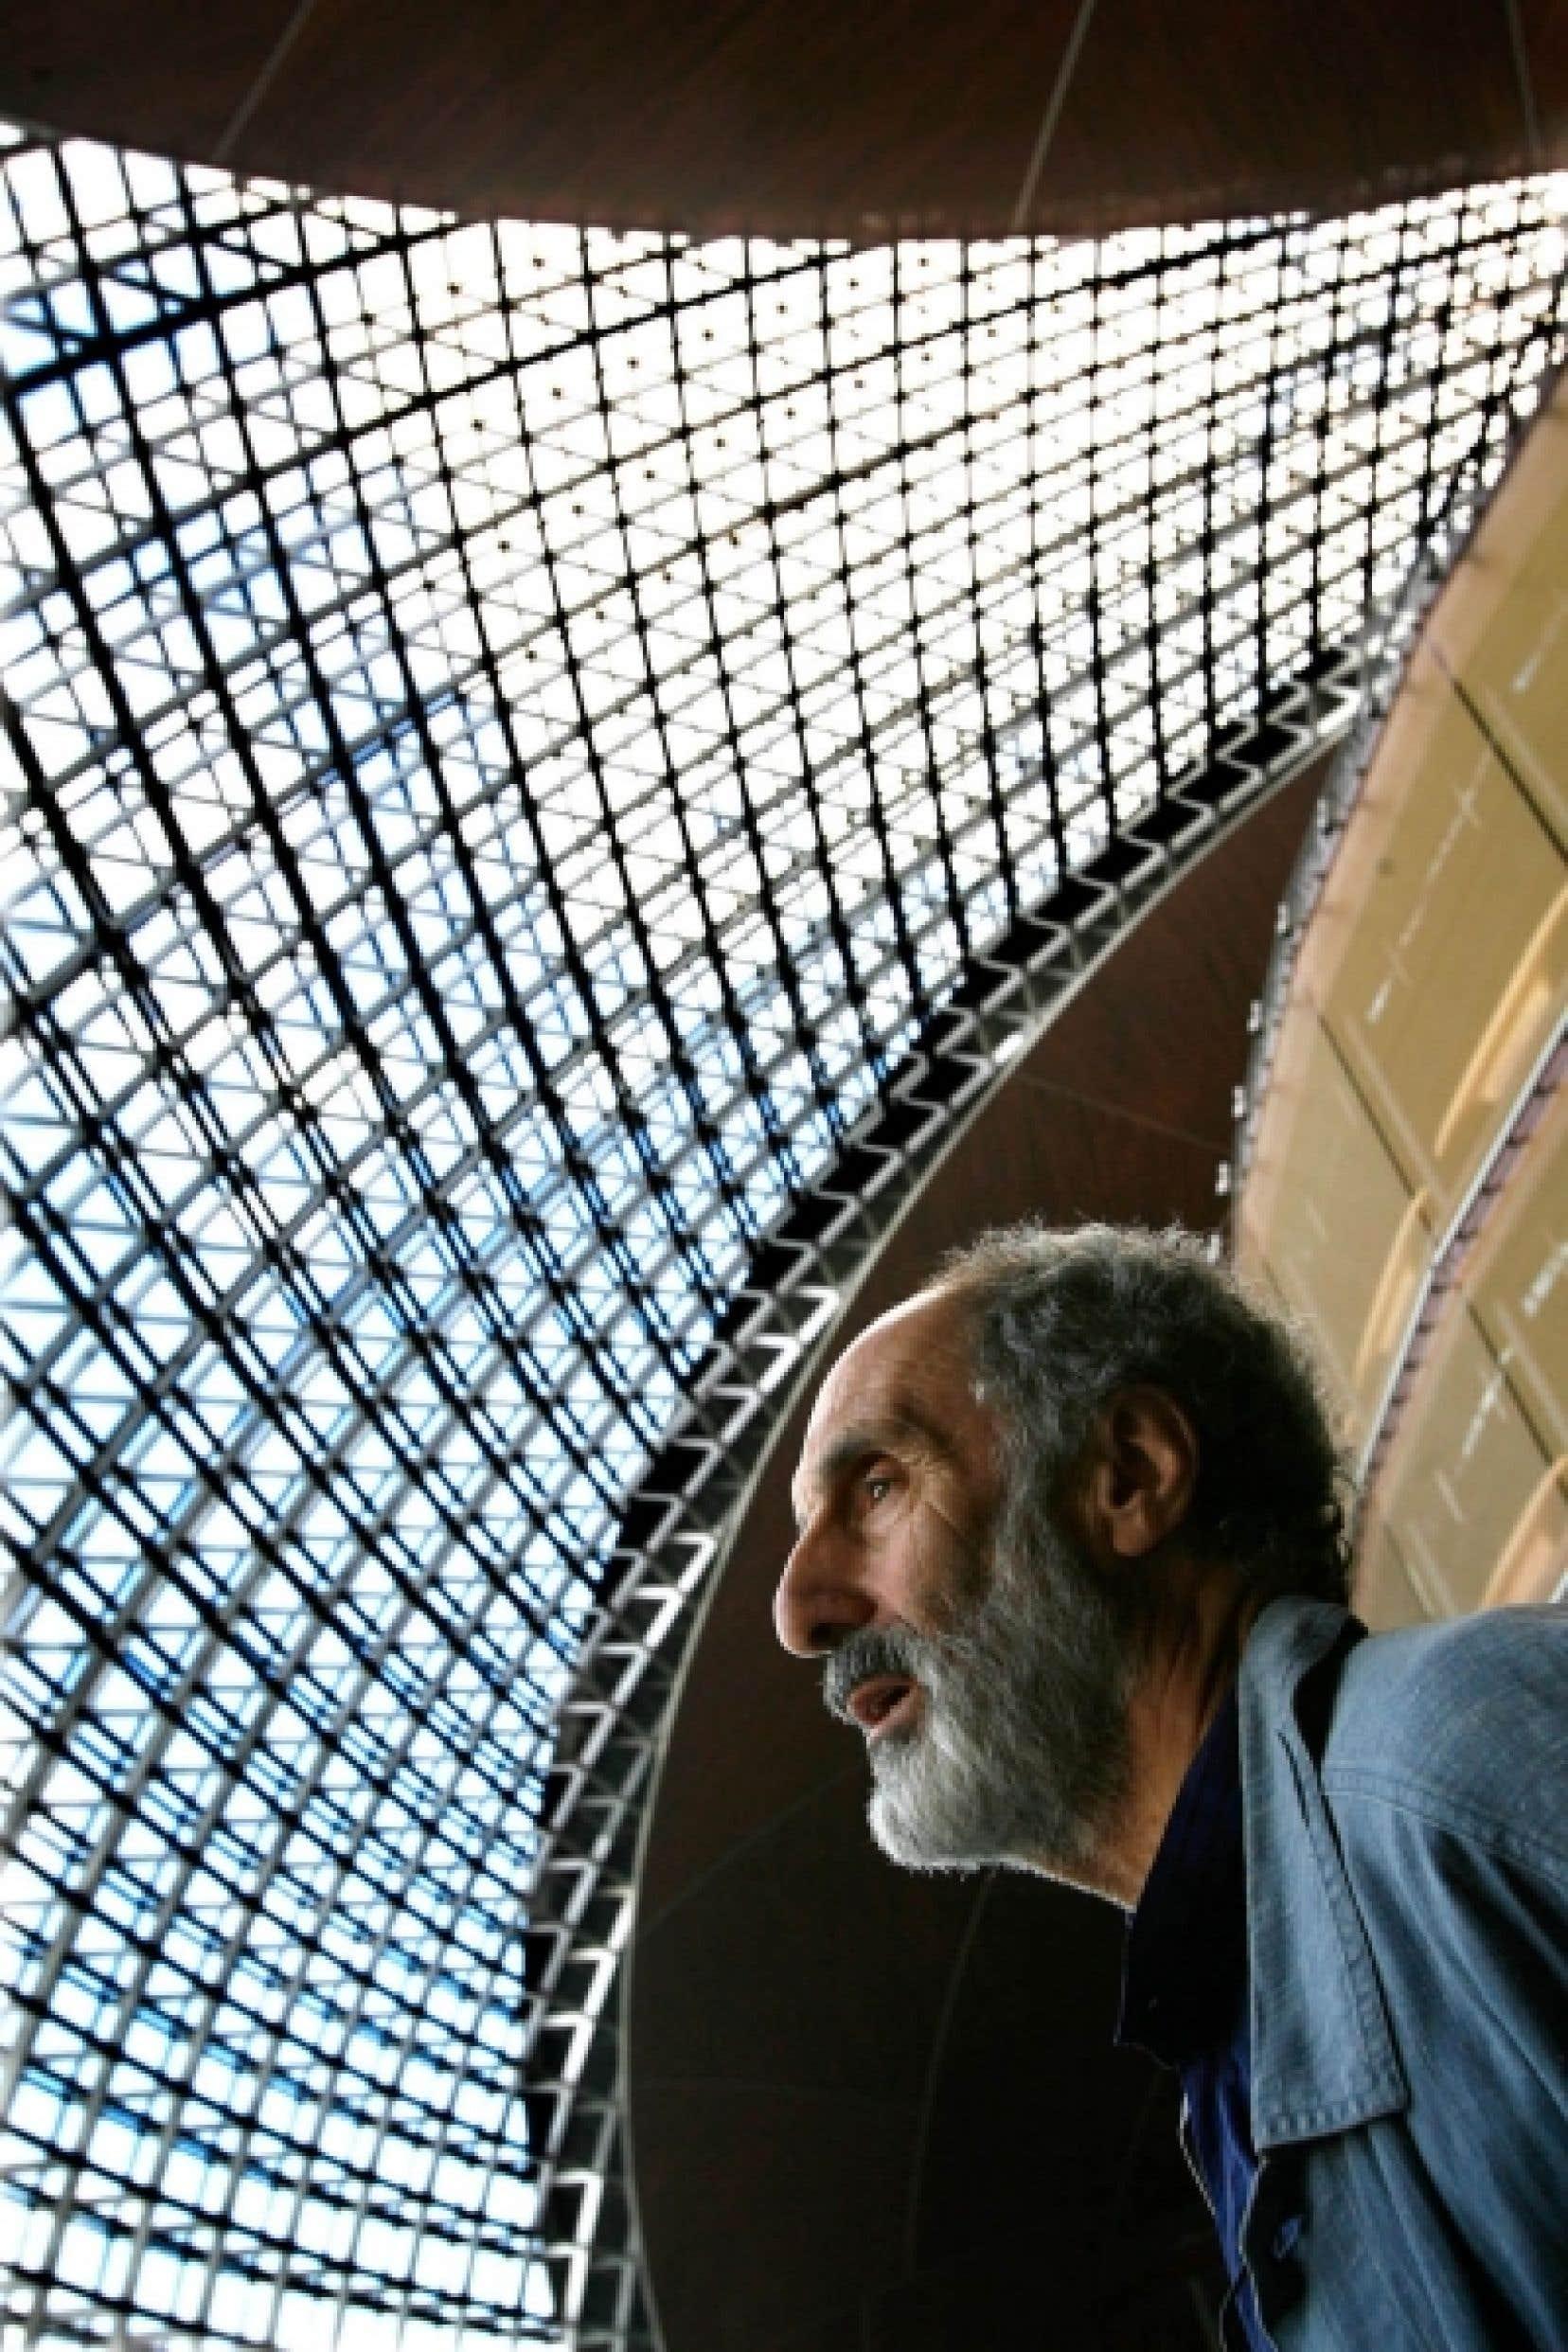 Le &laquo;starchitecte&raquo; fran&ccedil;ais a r&eacute;alis&eacute; l&rsquo;Op&eacute;ra de P&eacute;kin, un gigantesque nid de titane pos&eacute; sur un lac en plein centre de la ville.<br />